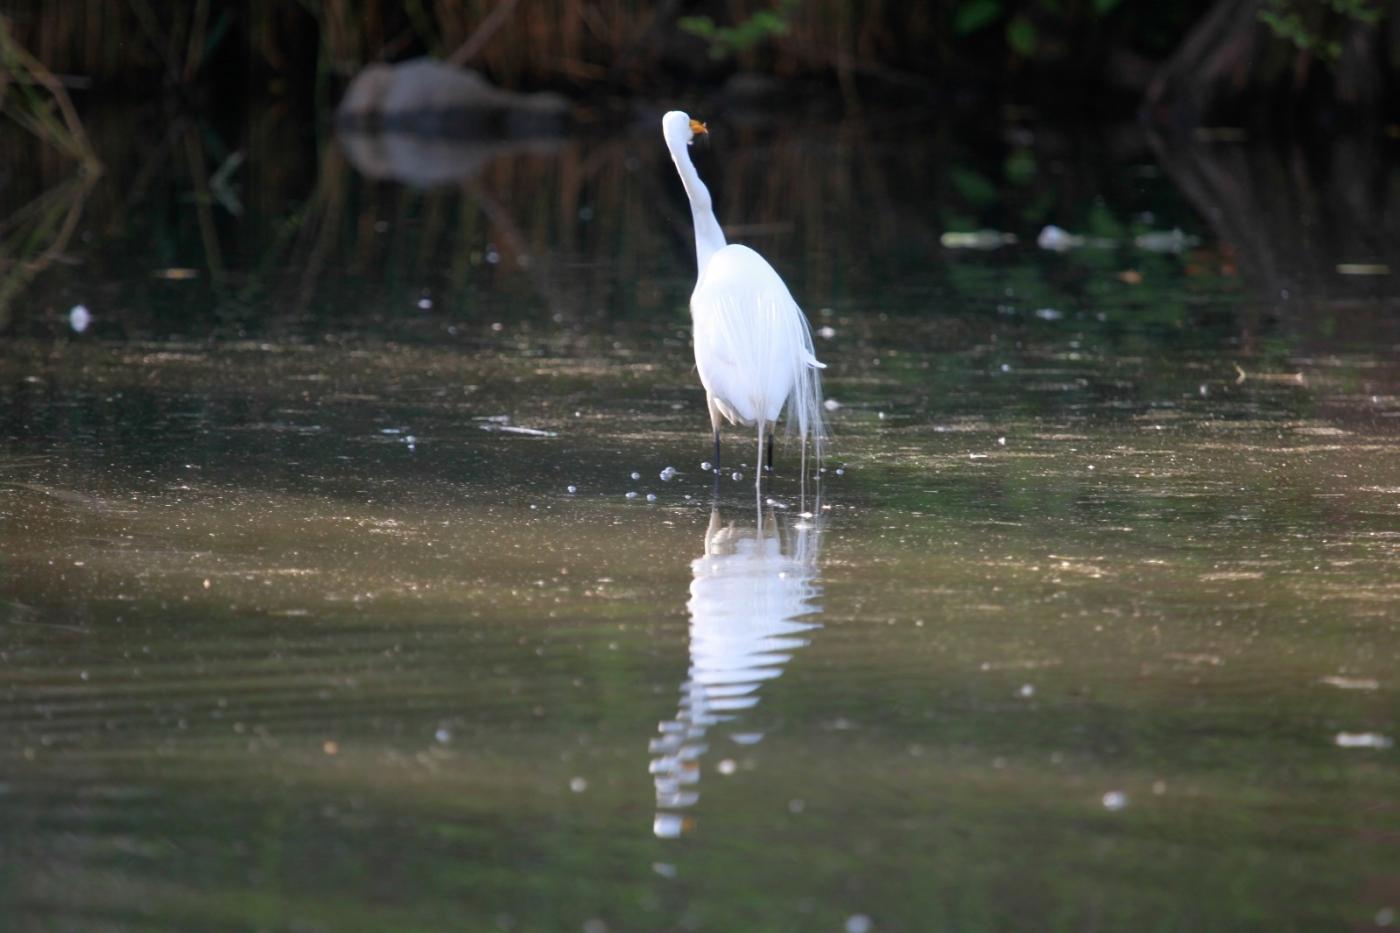 中央公园的白鹭,姿态优美,游客喜爱_图1-18